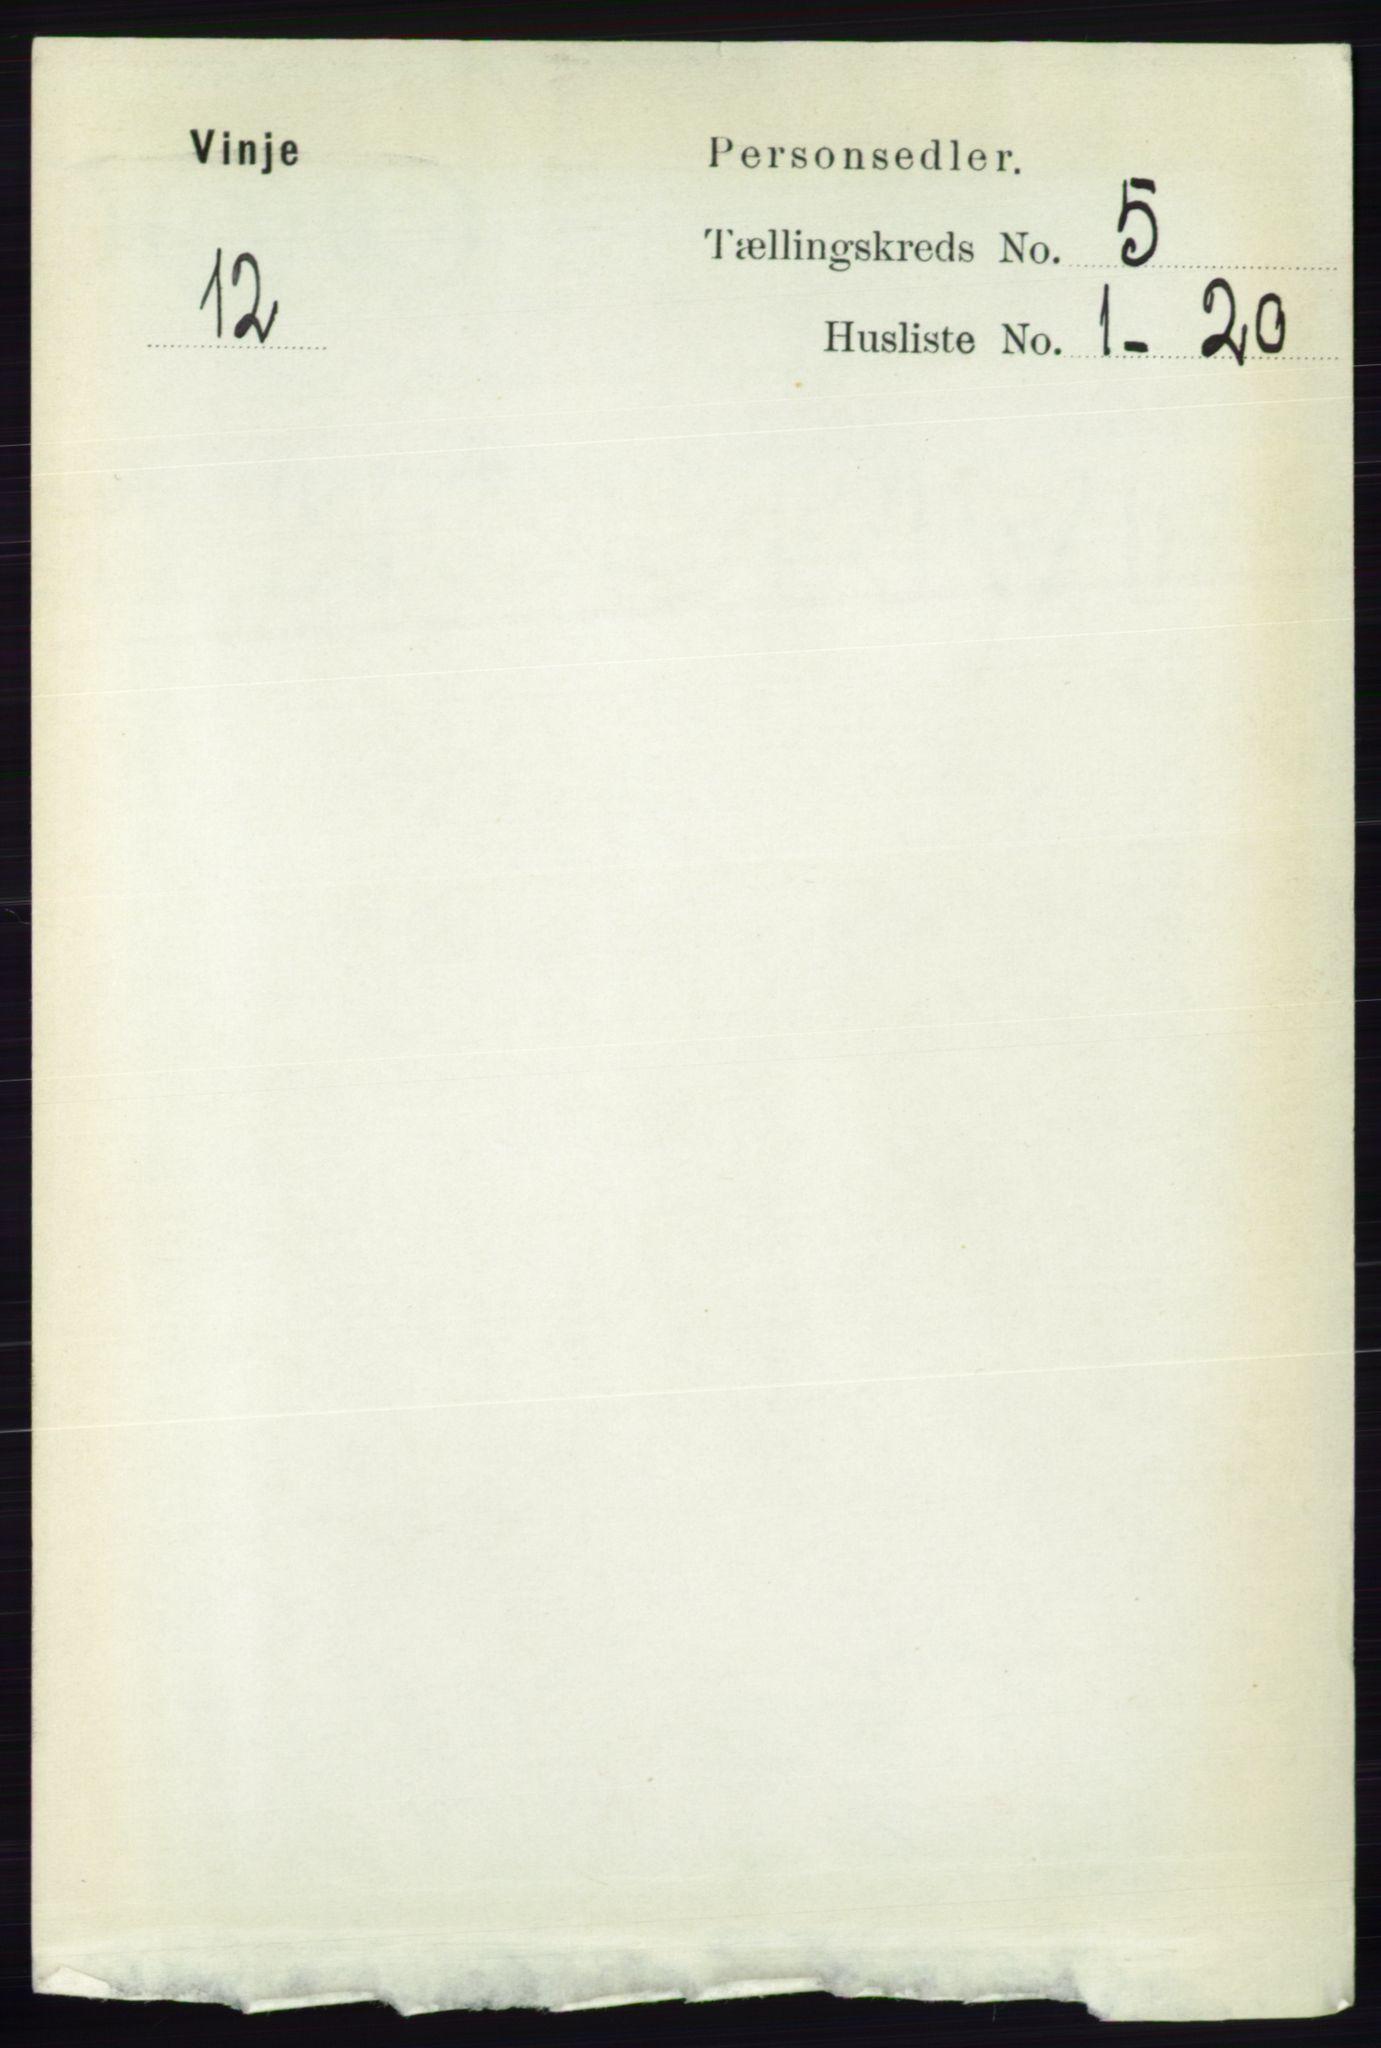 RA, Folketelling 1891 for 0834 Vinje herred, 1891, s. 1047